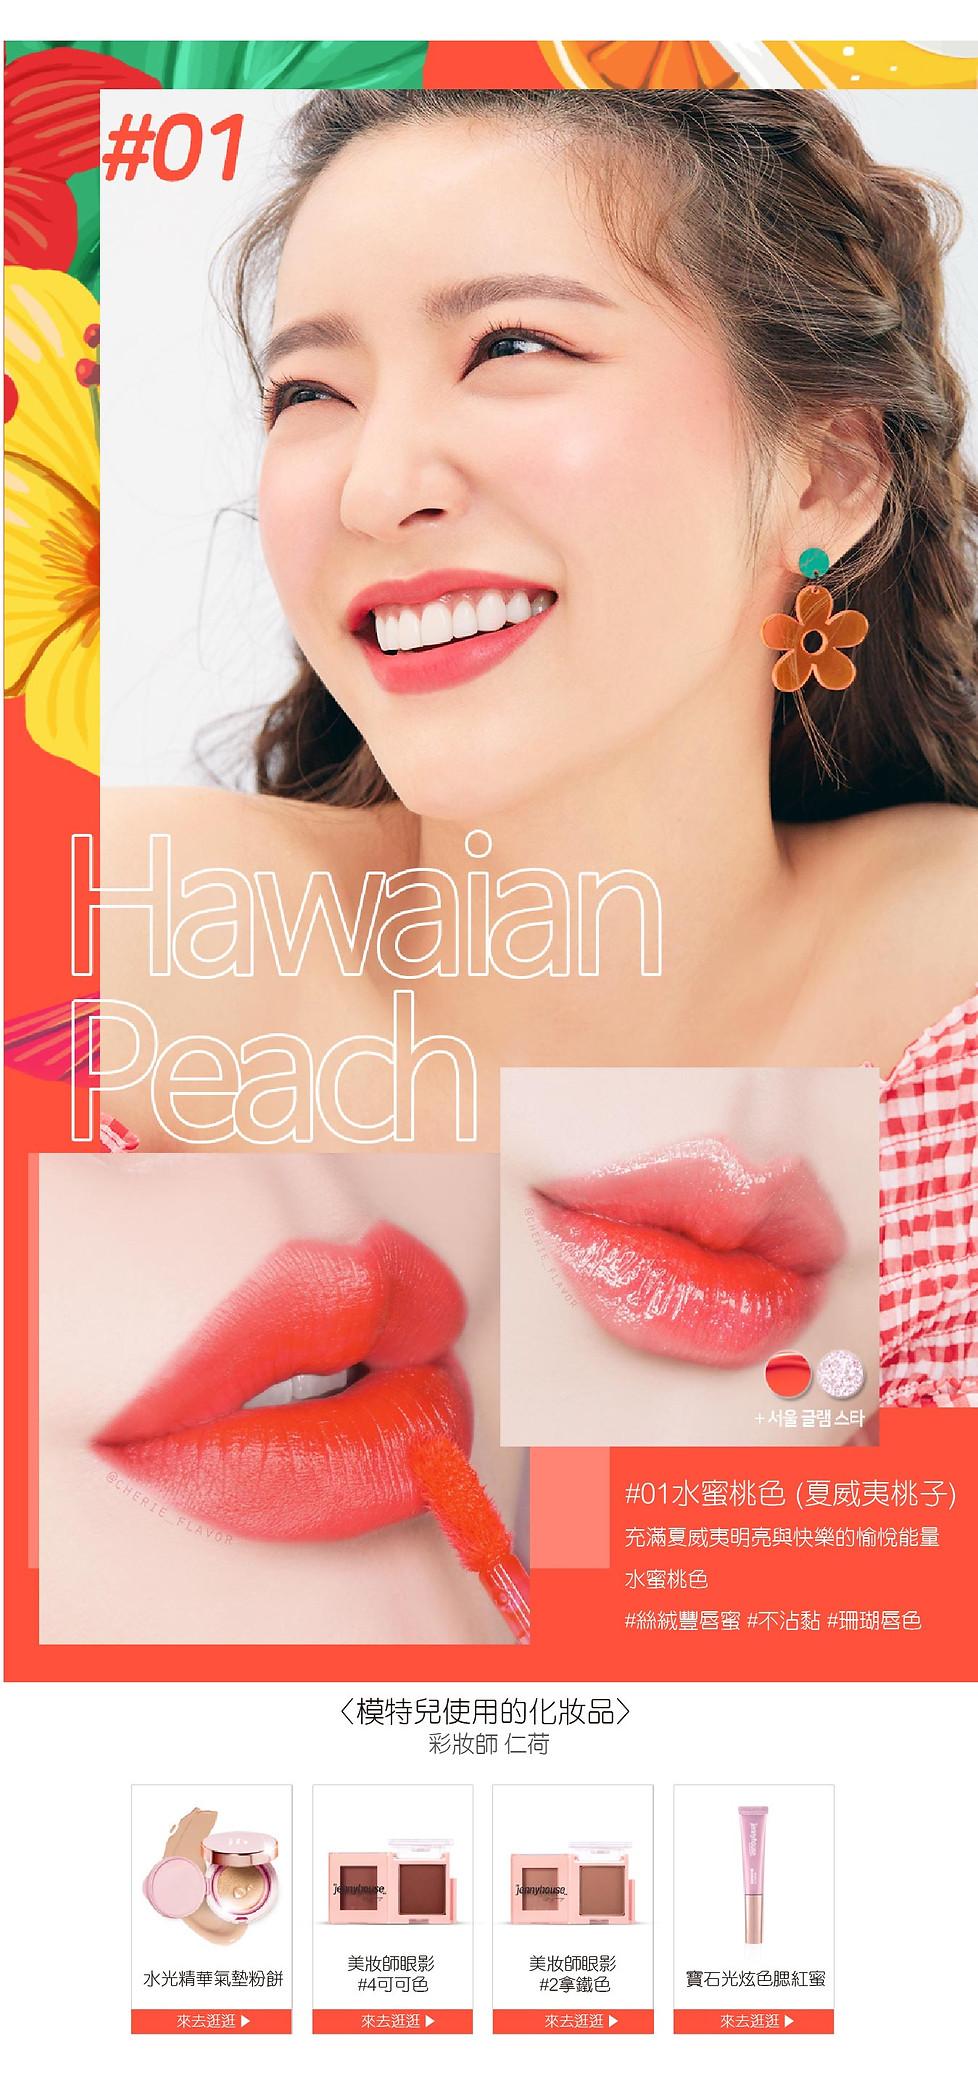 韓國化妝品網站長圖-5-04.jpg